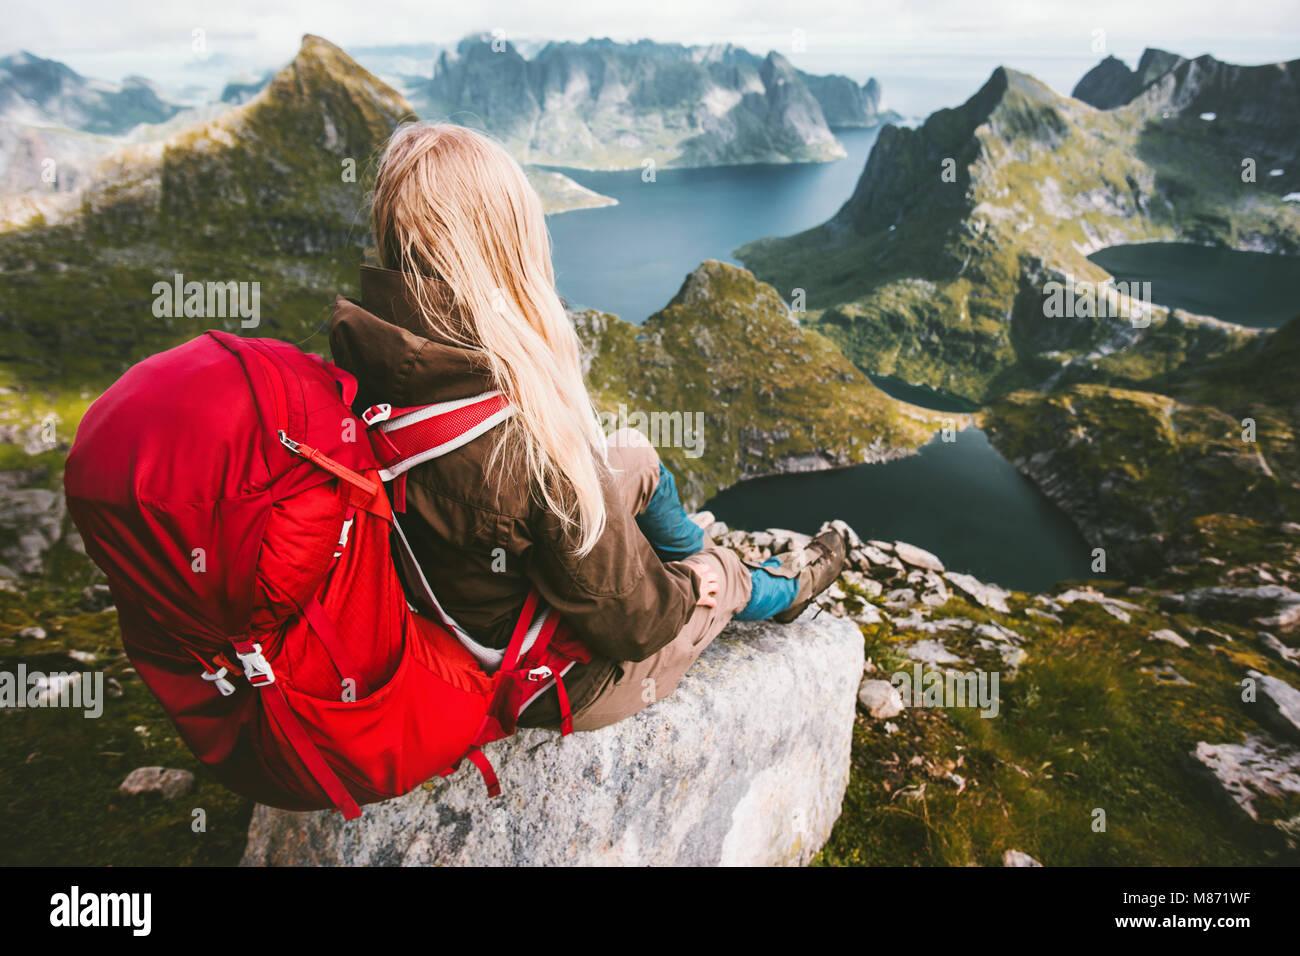 Touristische Frau alleine entspannen mit Rucksack in den Bergen Norwegen gesund Reisen lifestyle Abenteuer Konzept Stockbild